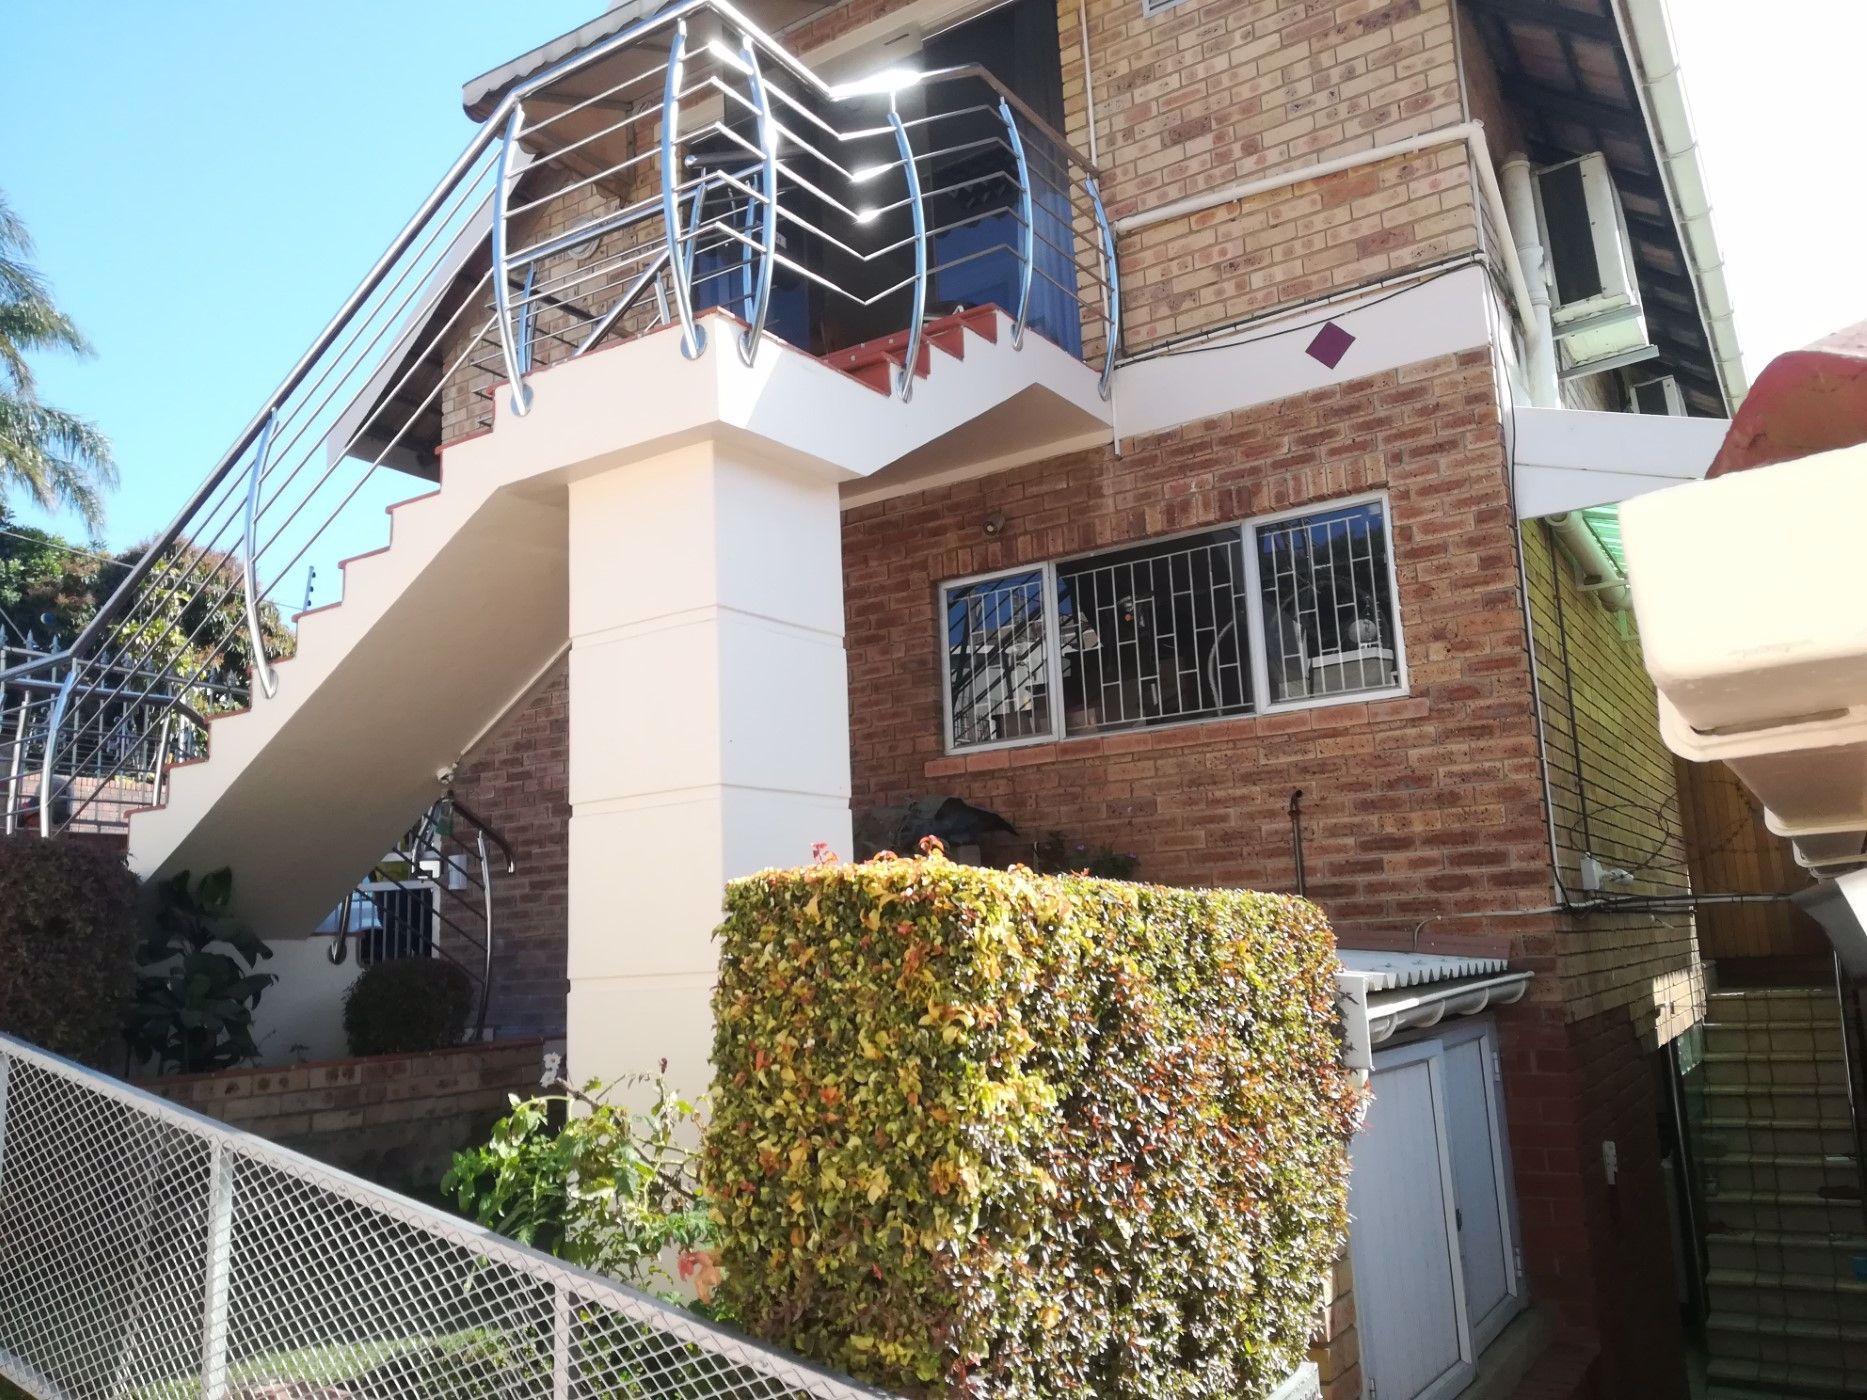 3 bedroom house for sale in Sparks Estate